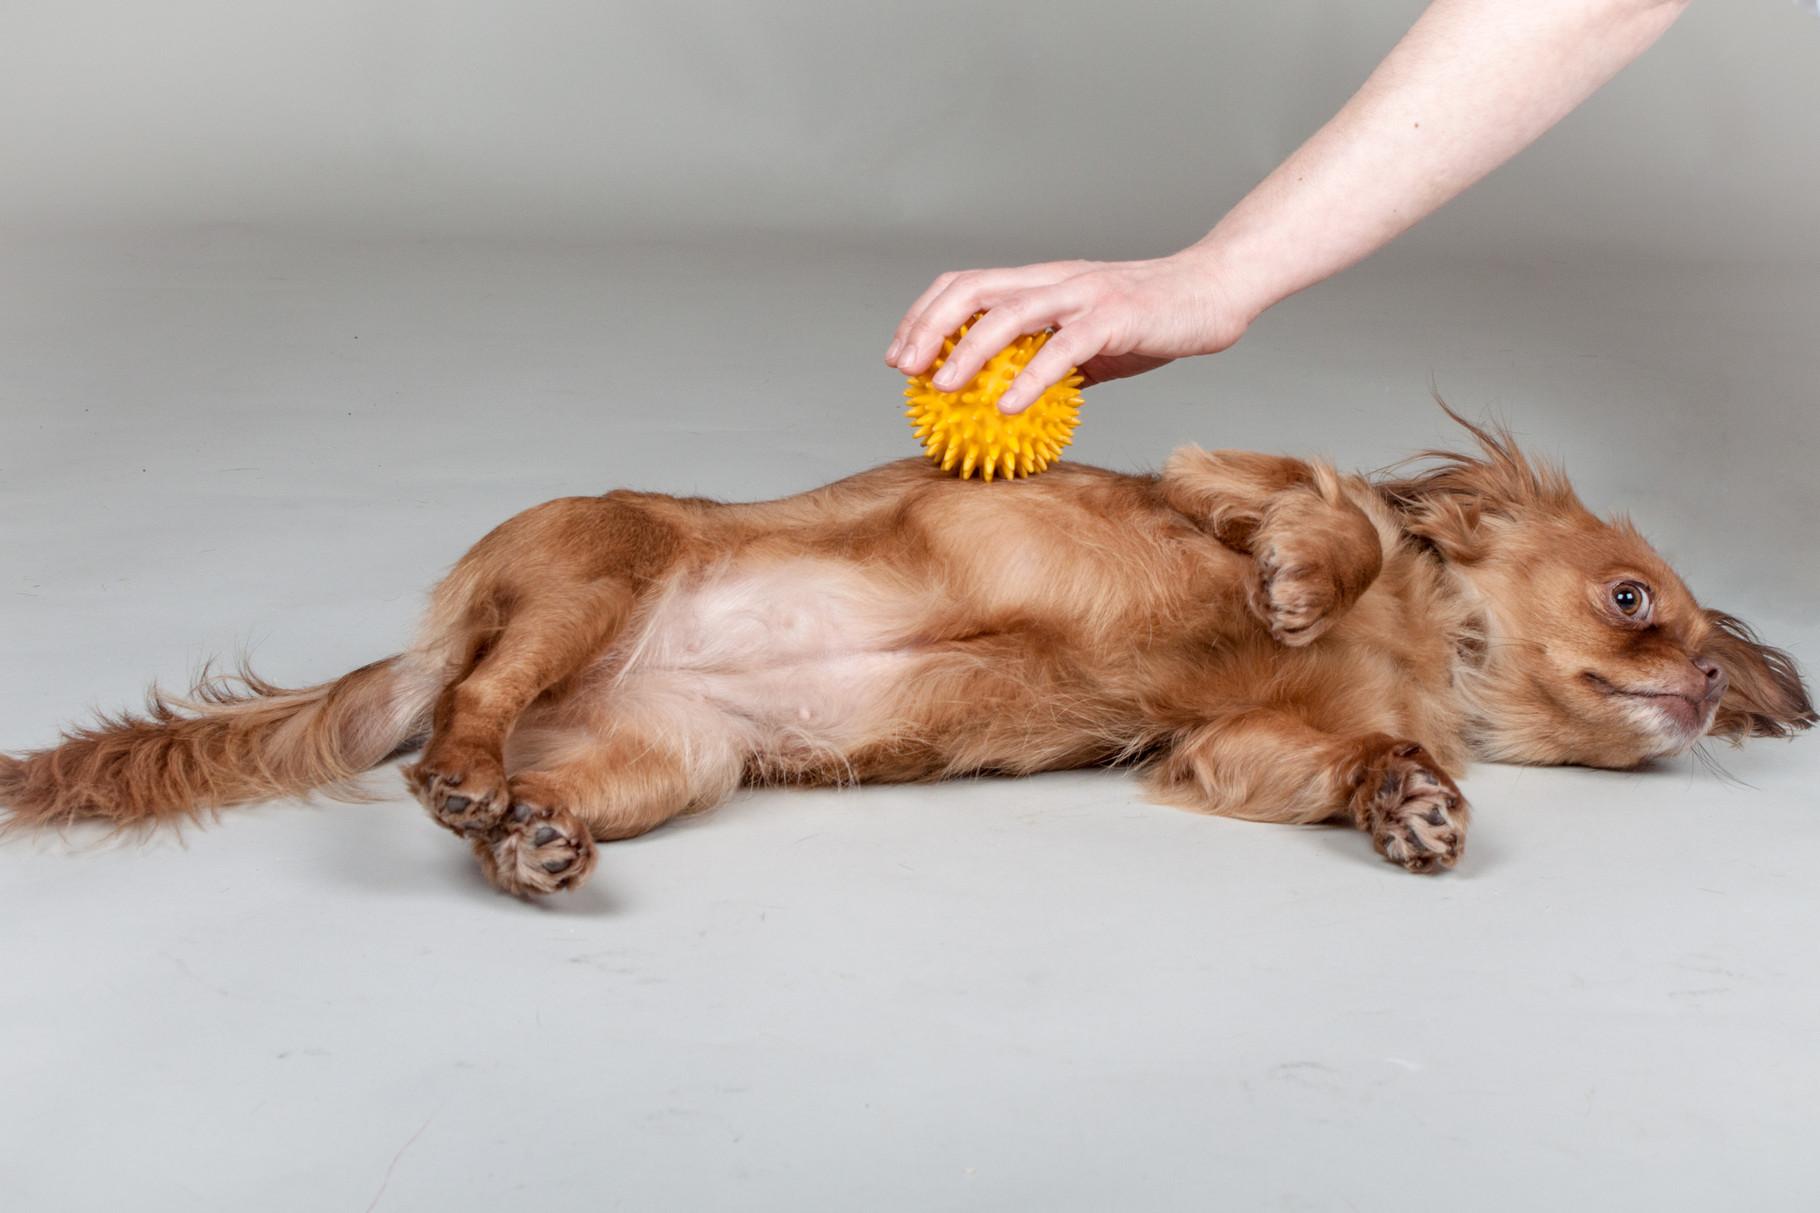 Igelballmassage